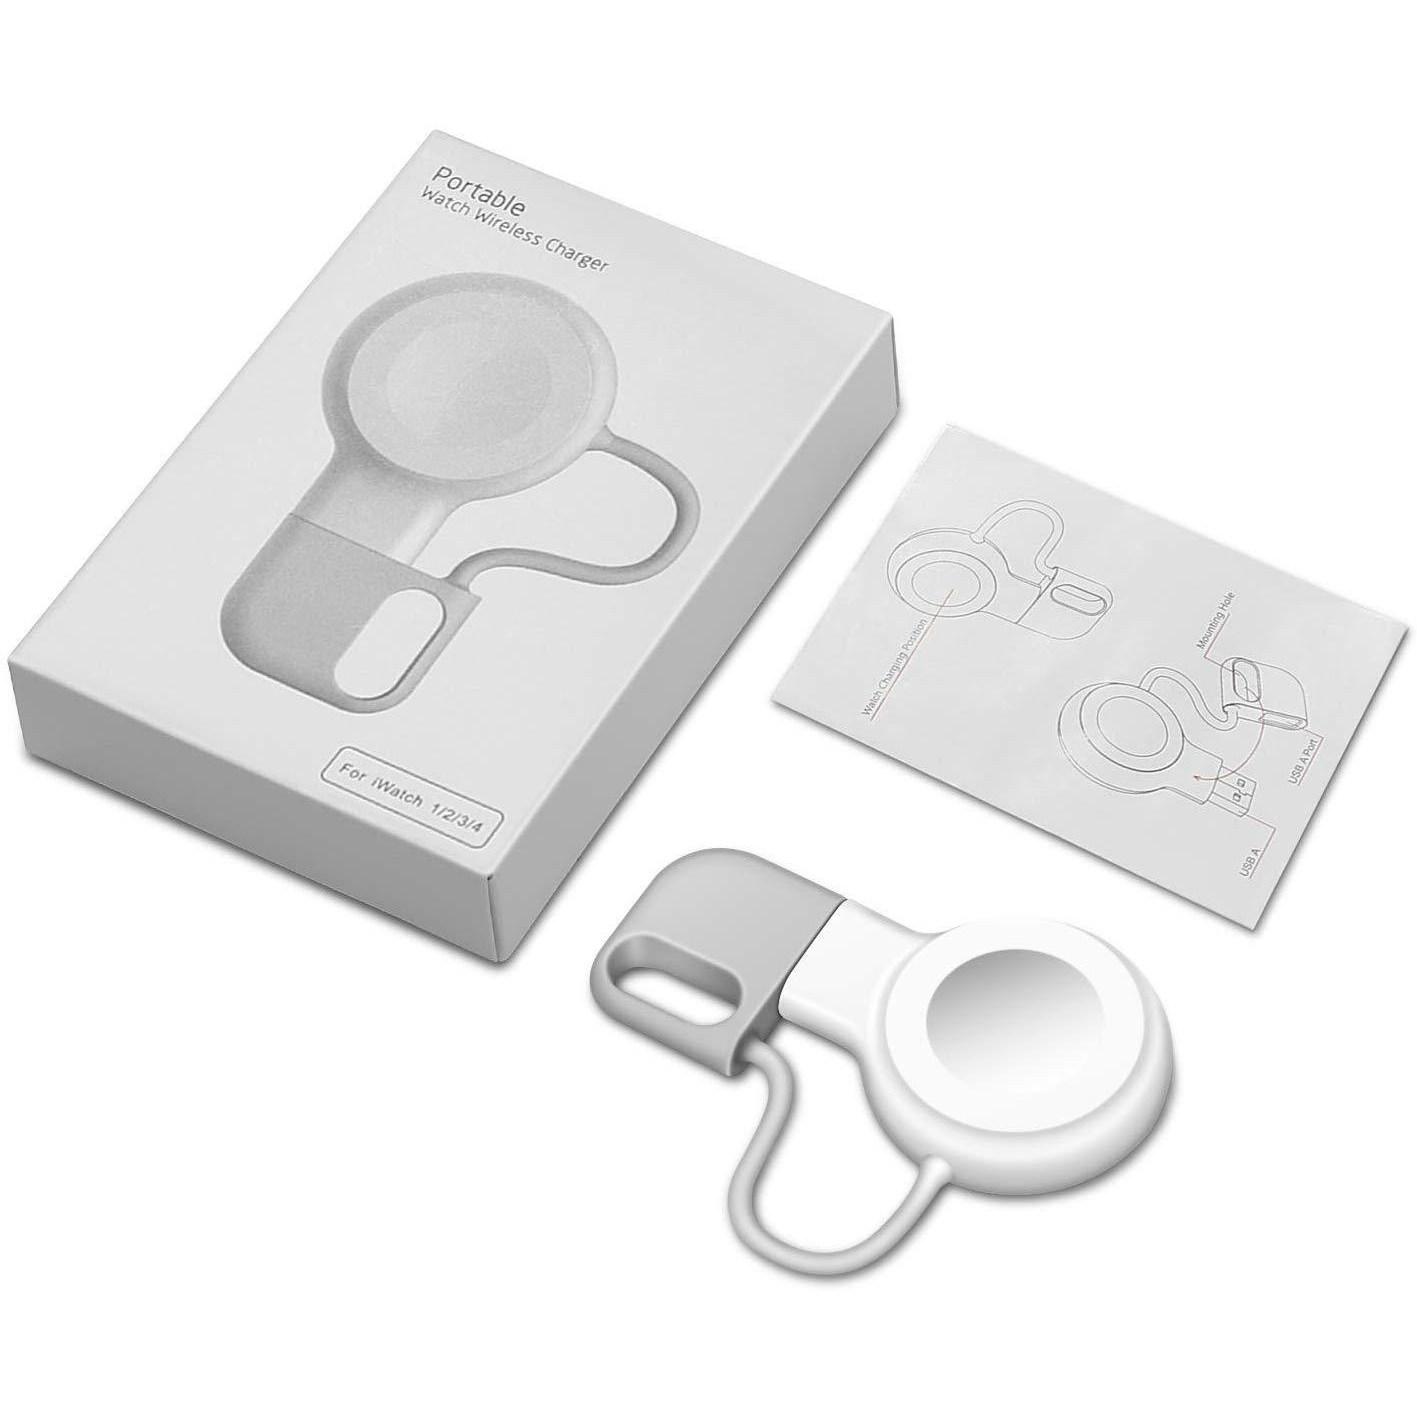 애플워치 마그네틱 usb무선충전기 충전패드 충전독, 1개